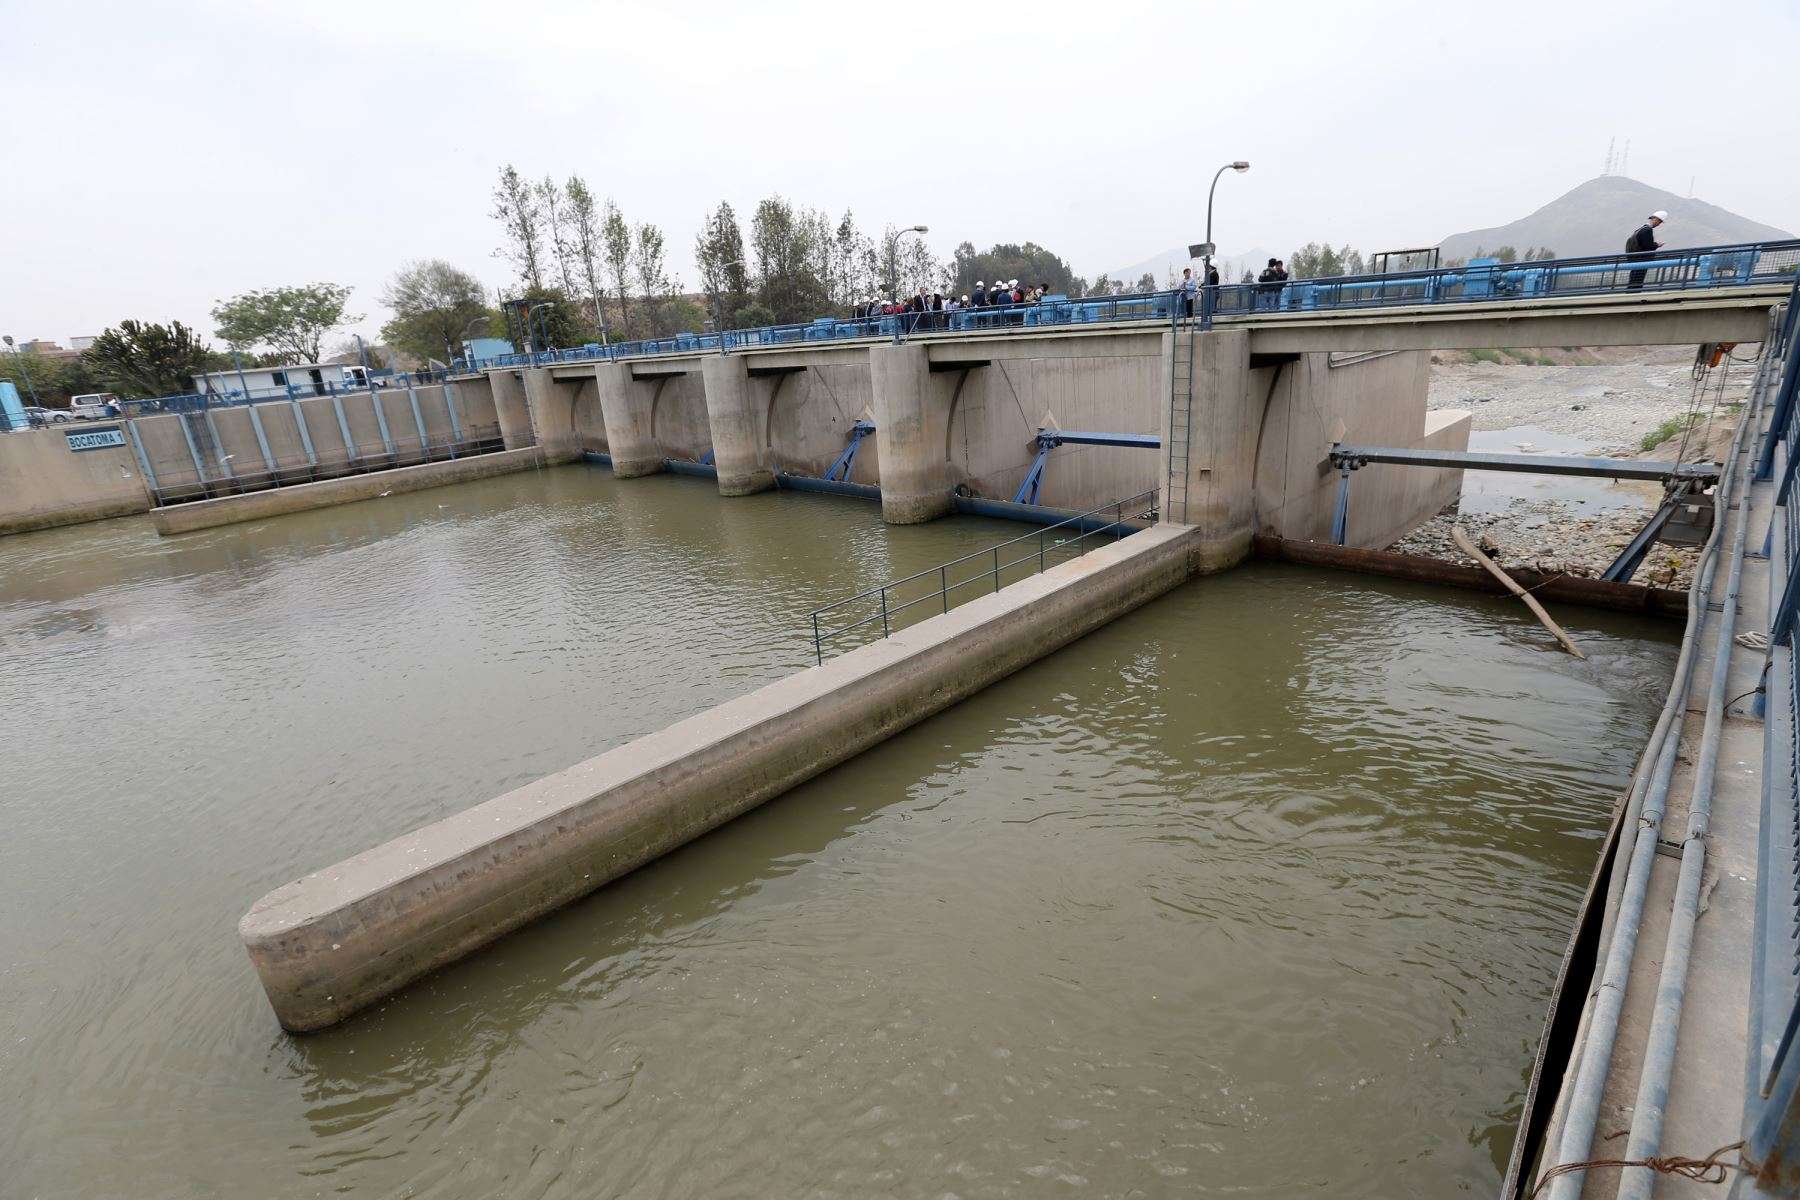 El Ministerio de Vivienda, Construcción y Saneamiento (MVCS) asumirá el financiamiento de las inversiones en tratamiento de aguas residuales en las provincias de Chepén (La Libertad) y Lambayeque, en el departamento del mismo nombre, lo que beneficiará a 110,000 habitantes. ANDINA/Norman Córdova